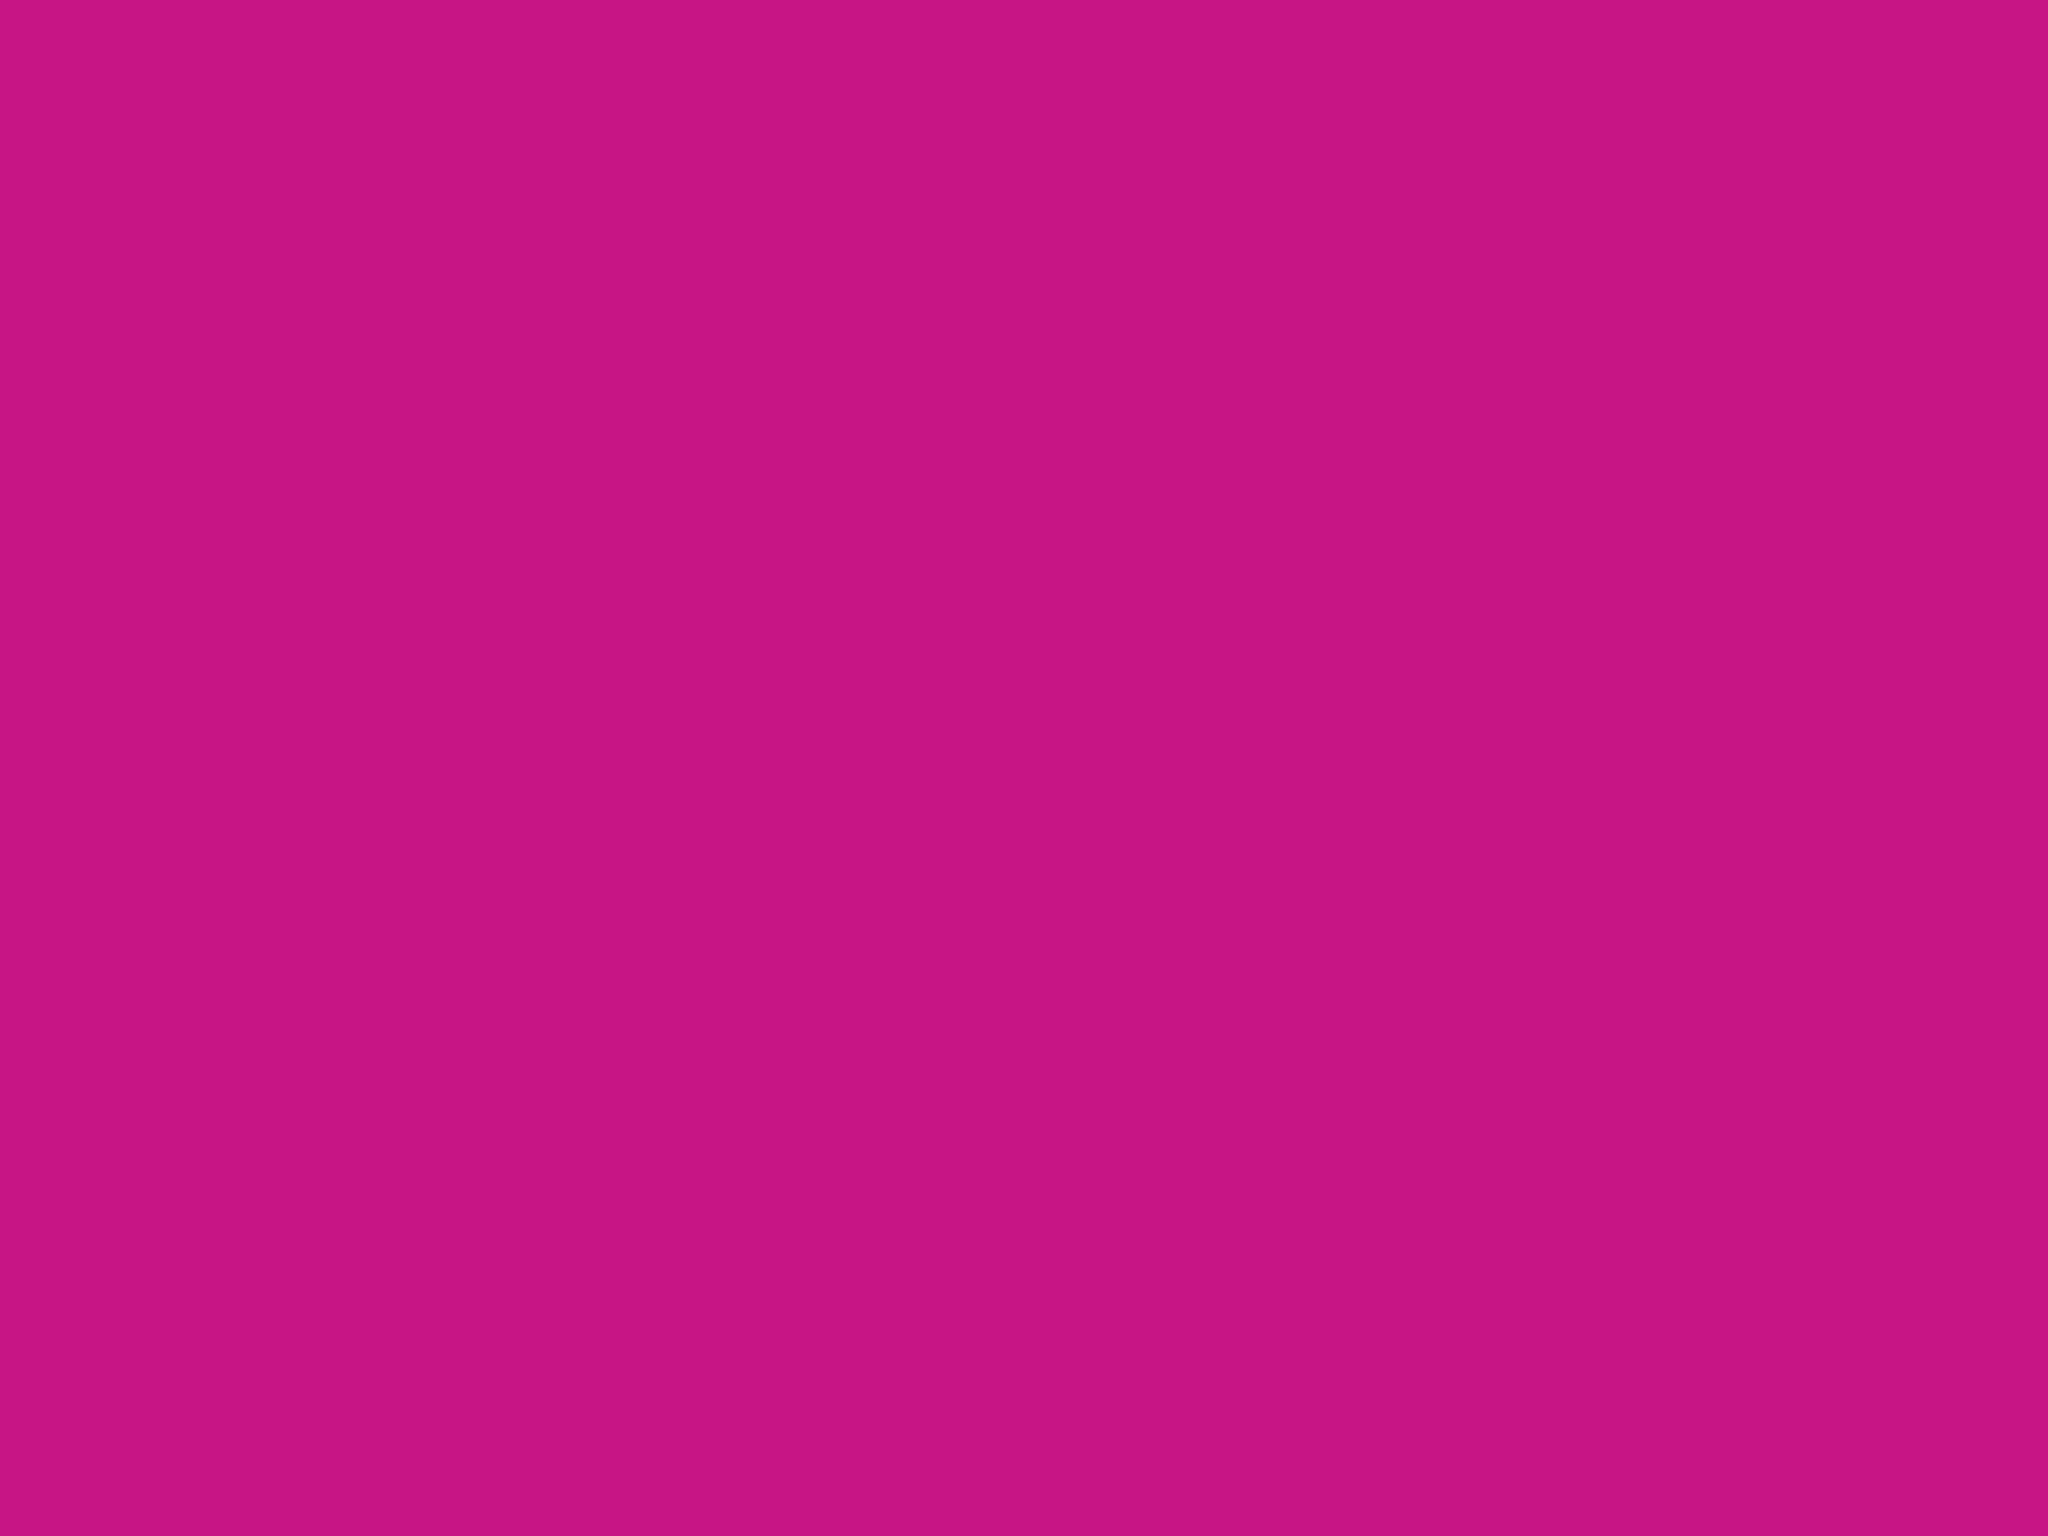 2048x1536 Medium Violet-red Solid Color Background